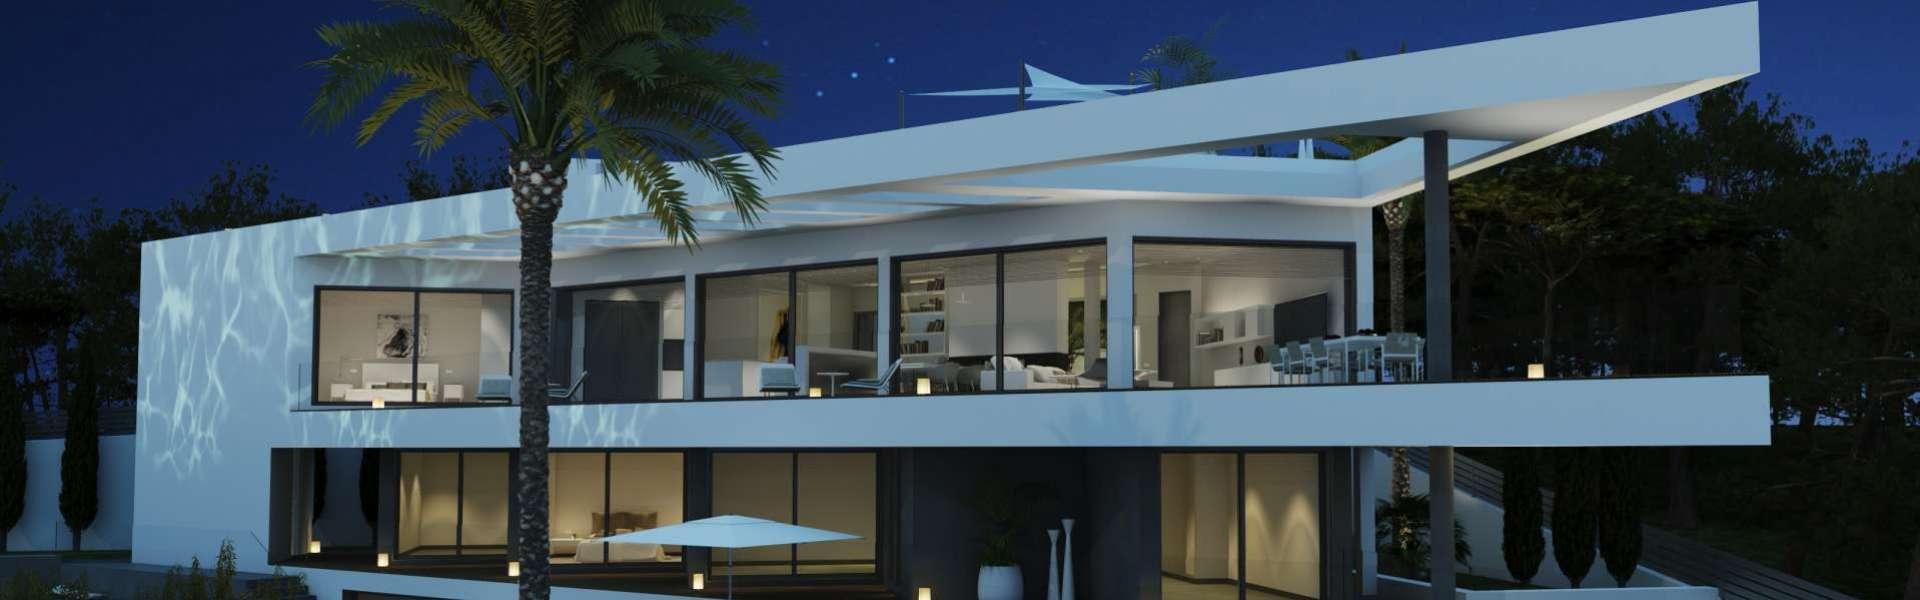 Extravagante Designervilla mit Meerblick in Konstruktion - Santa Ponca